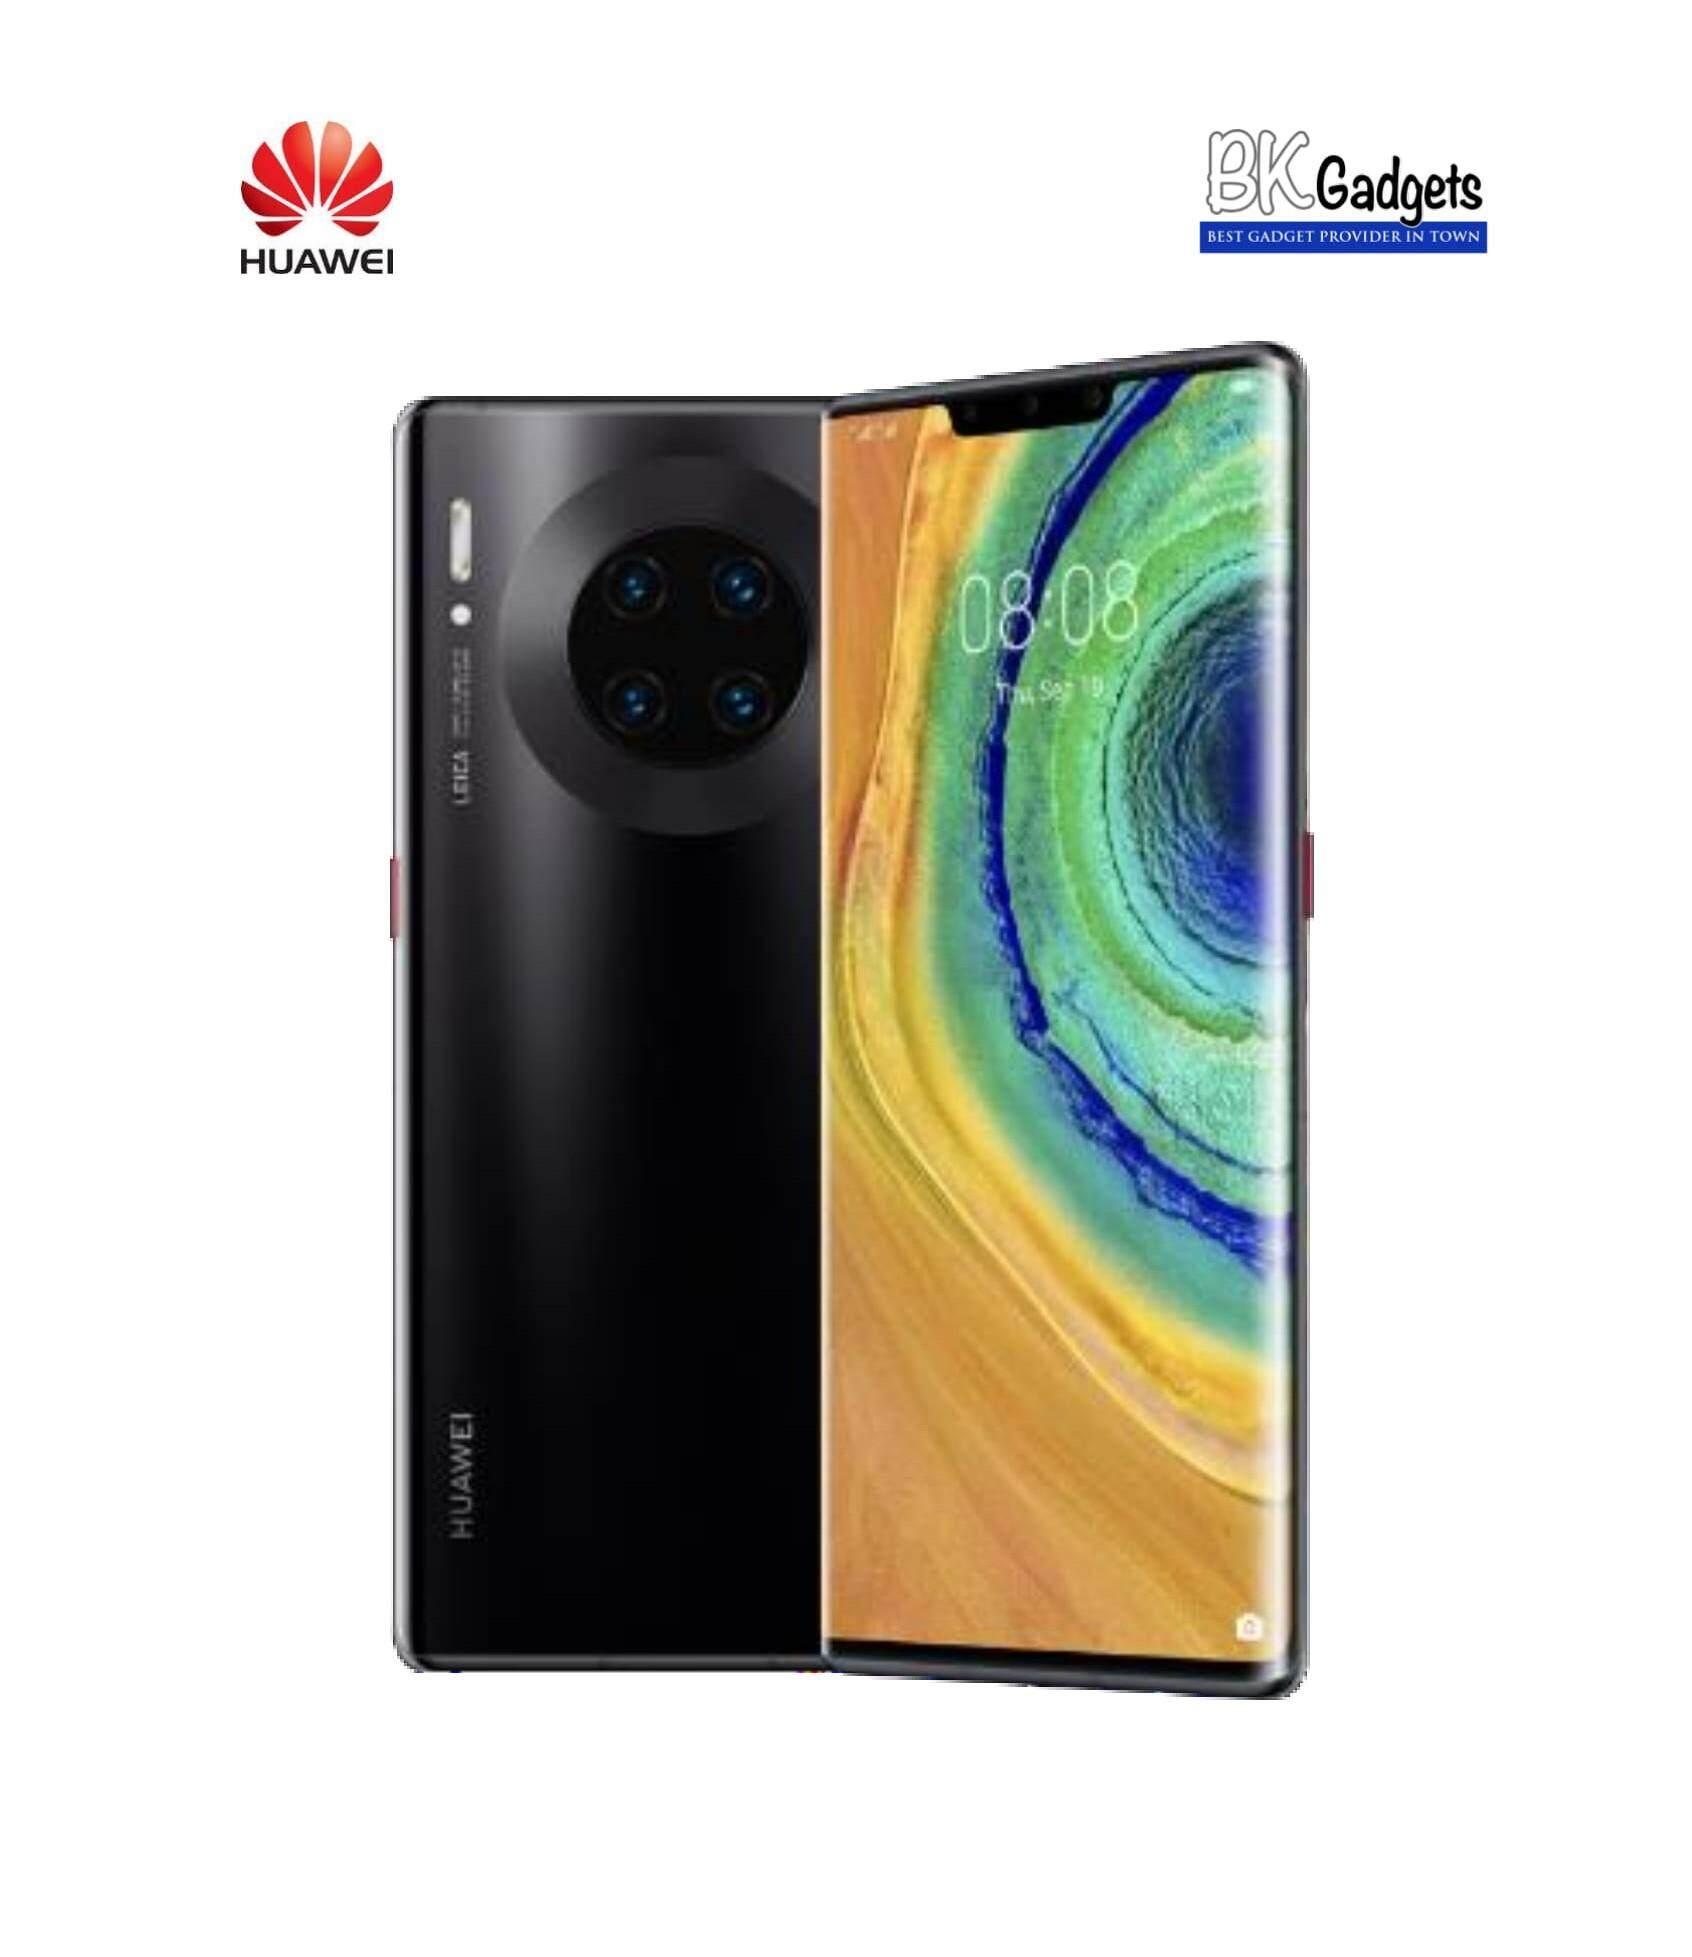 HUAWEI Mate 30 Pro Black [ 8GB + 256GB ] Smartphone